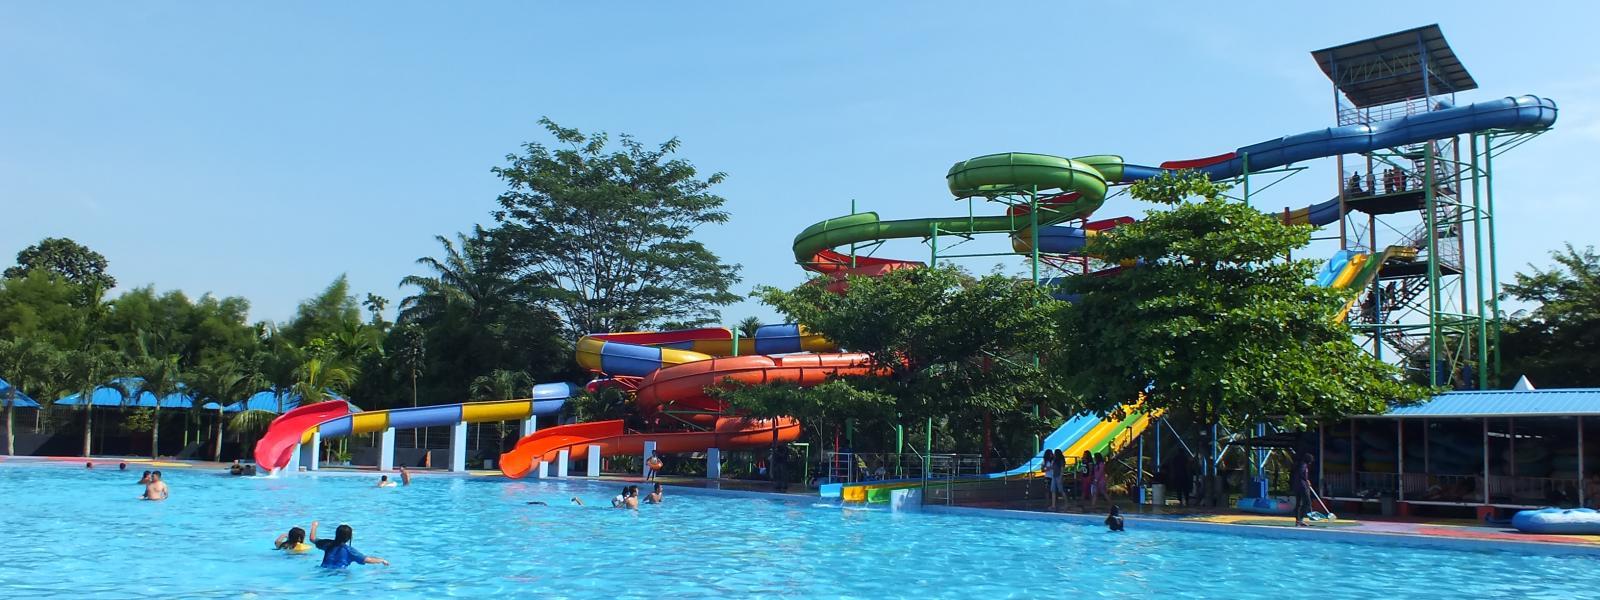 Wahana Waterpark Medan Patut Kamu Kunjungi 3 Tamora Indah Tanjung